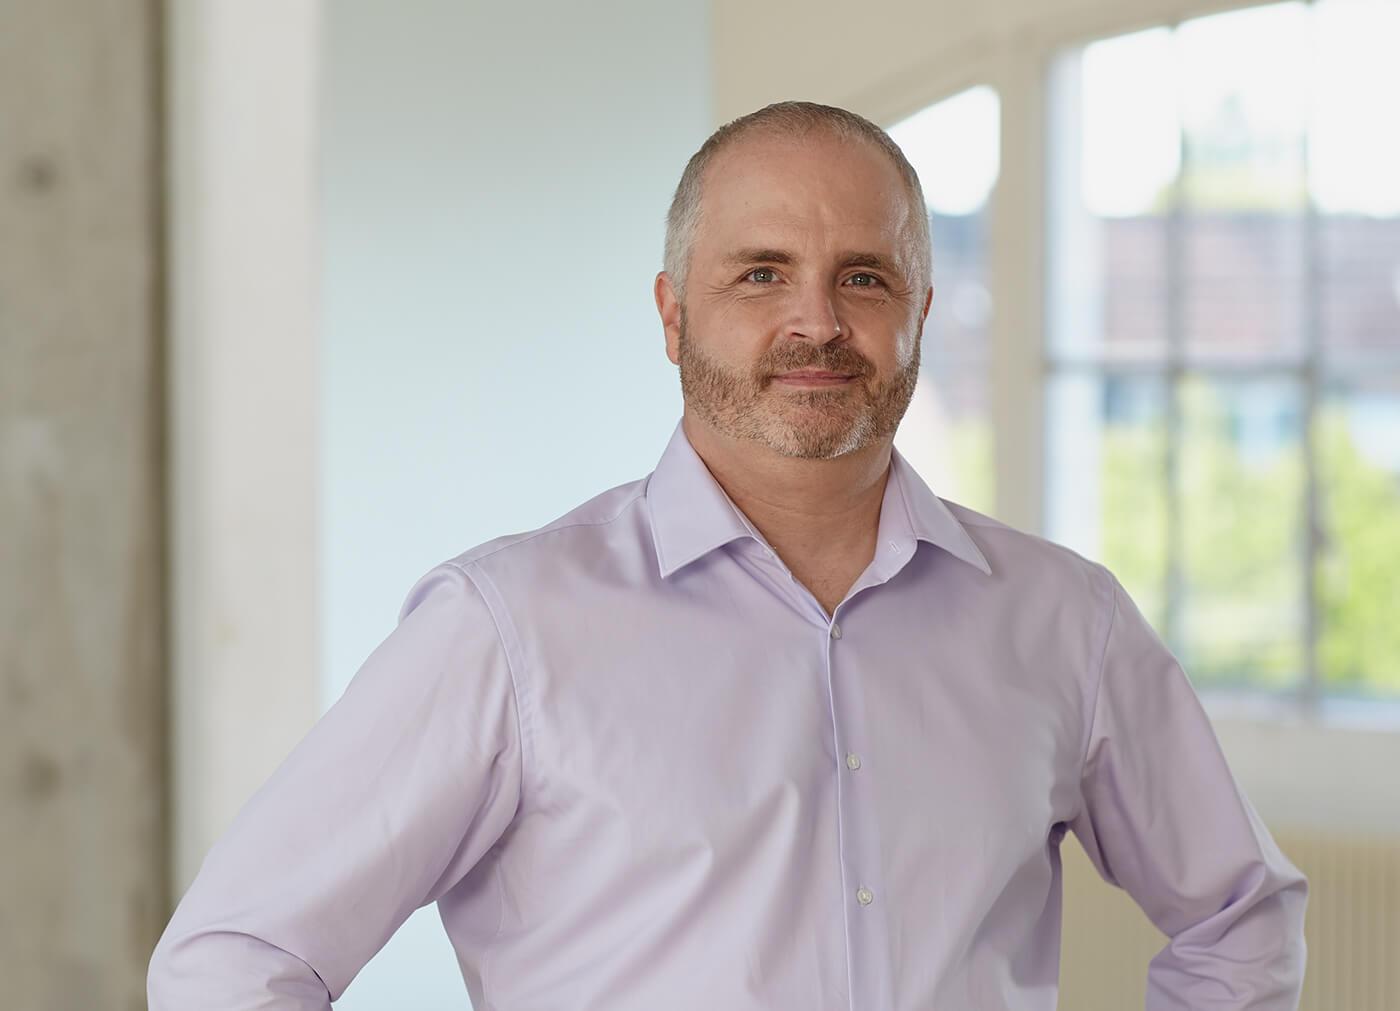 Ömer Atiker: Berater für Digitale Strategie